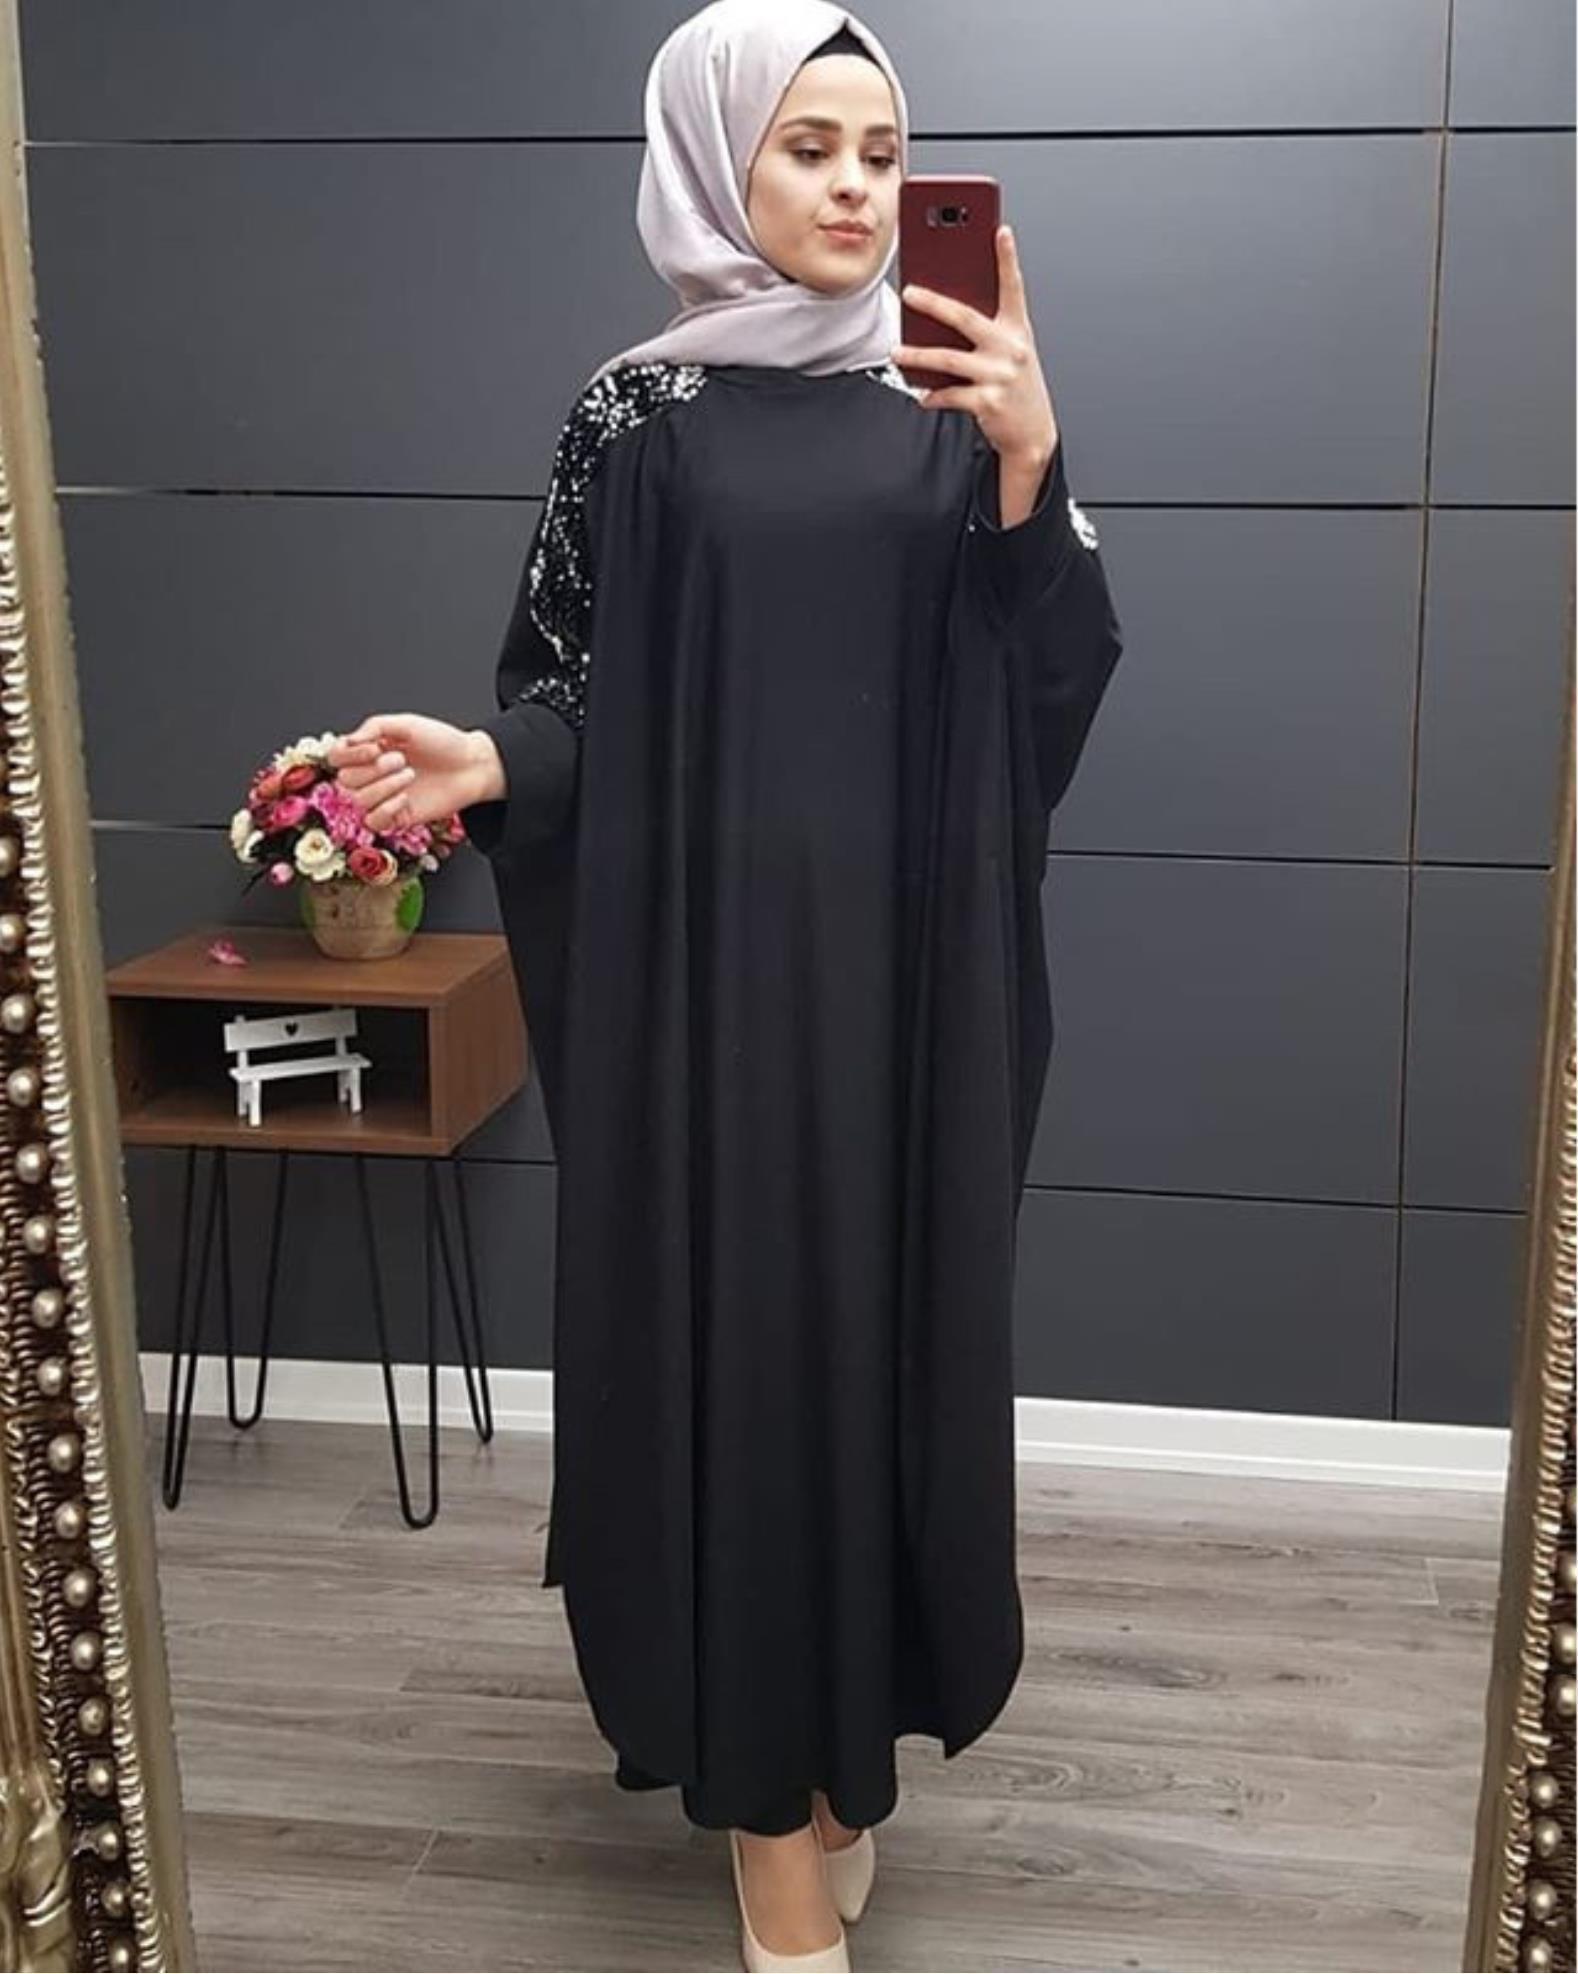 Plus größe islamische frauen kleider casual kleidung muslim kleid frauen dubai türkisch lang robe kimono pailletten ethnische stil sieben punkt